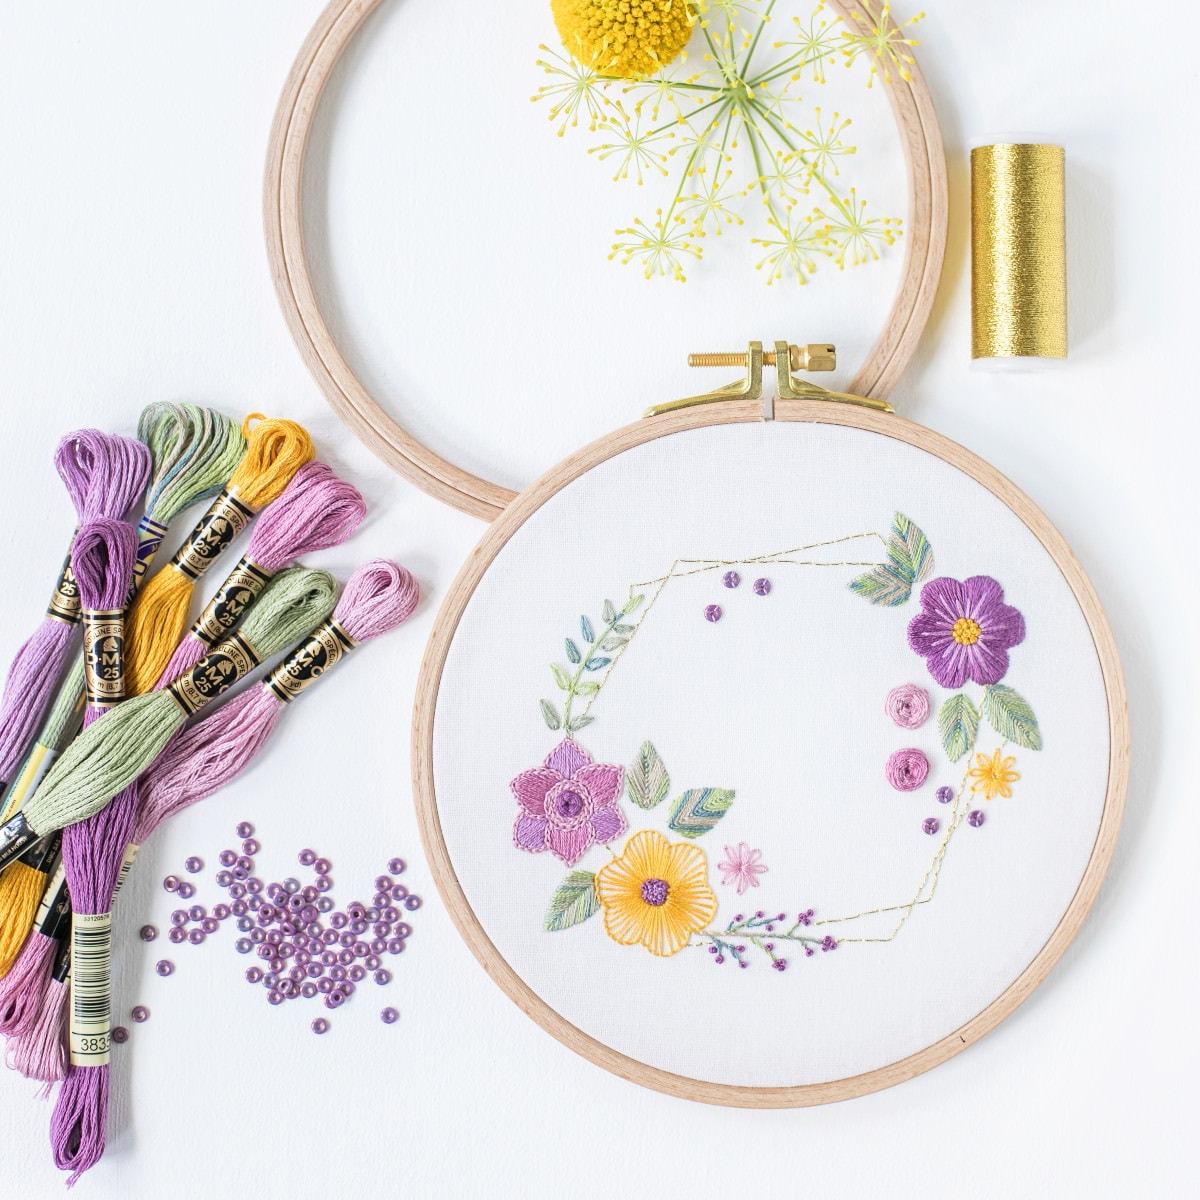 Blumen sticken Kurs für Anfänger auf stickenlernen.com